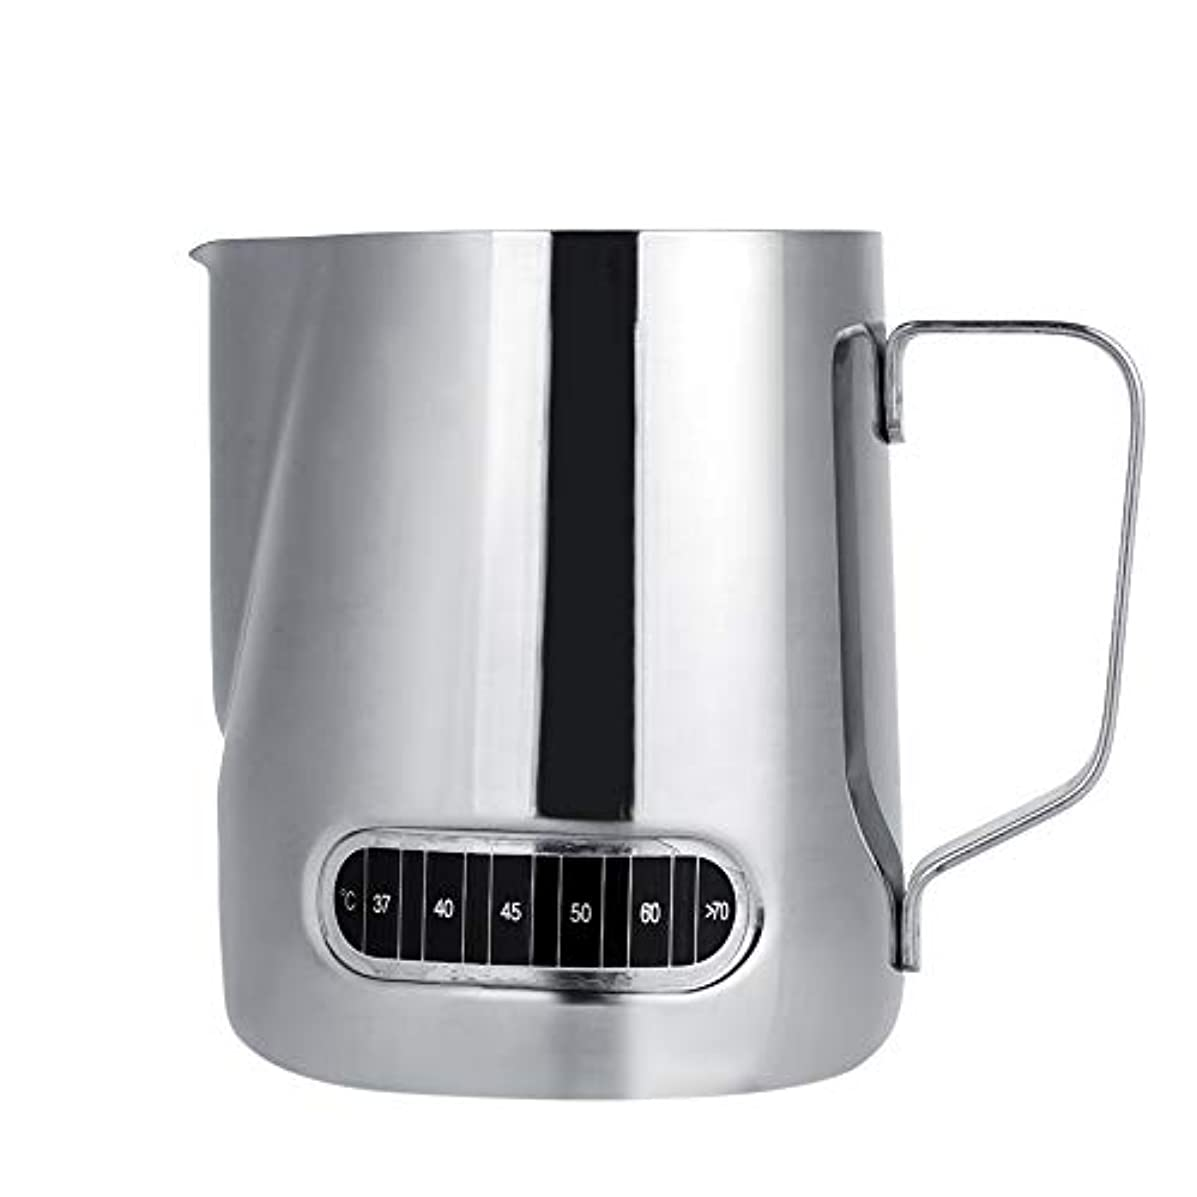 金属作動する無視するステンレスミルクピッチャー、600ミリリットルステンレスミルク泡立て器エスプレッソコーヒーカップマグ付き測定